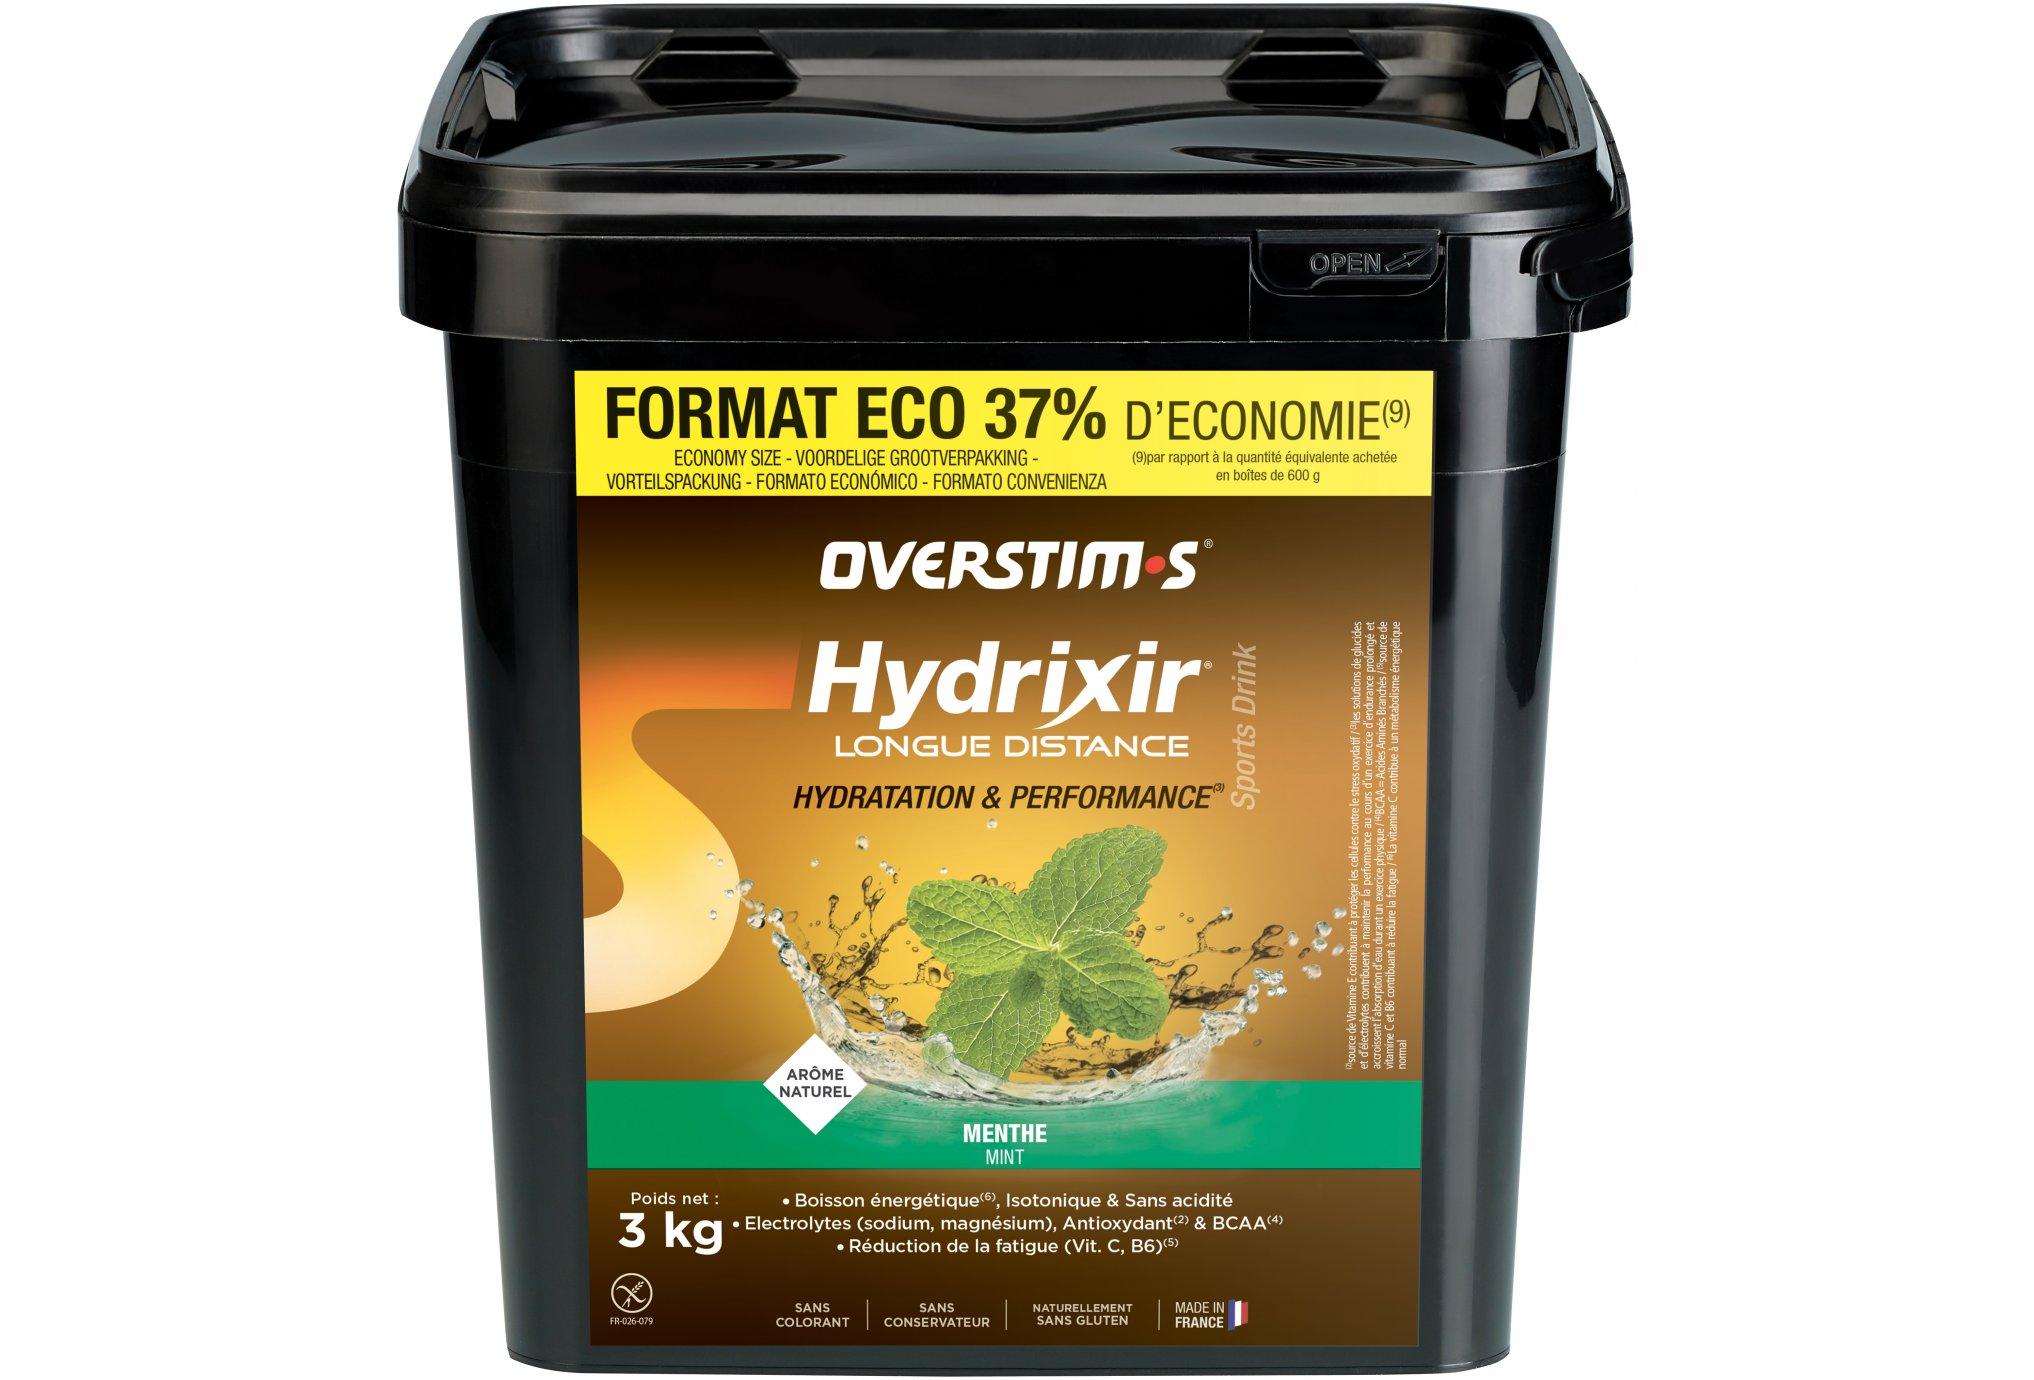 OVERSTIMS Hydrixir Longue Distance 3 kg - Menthe Diététique Boissons